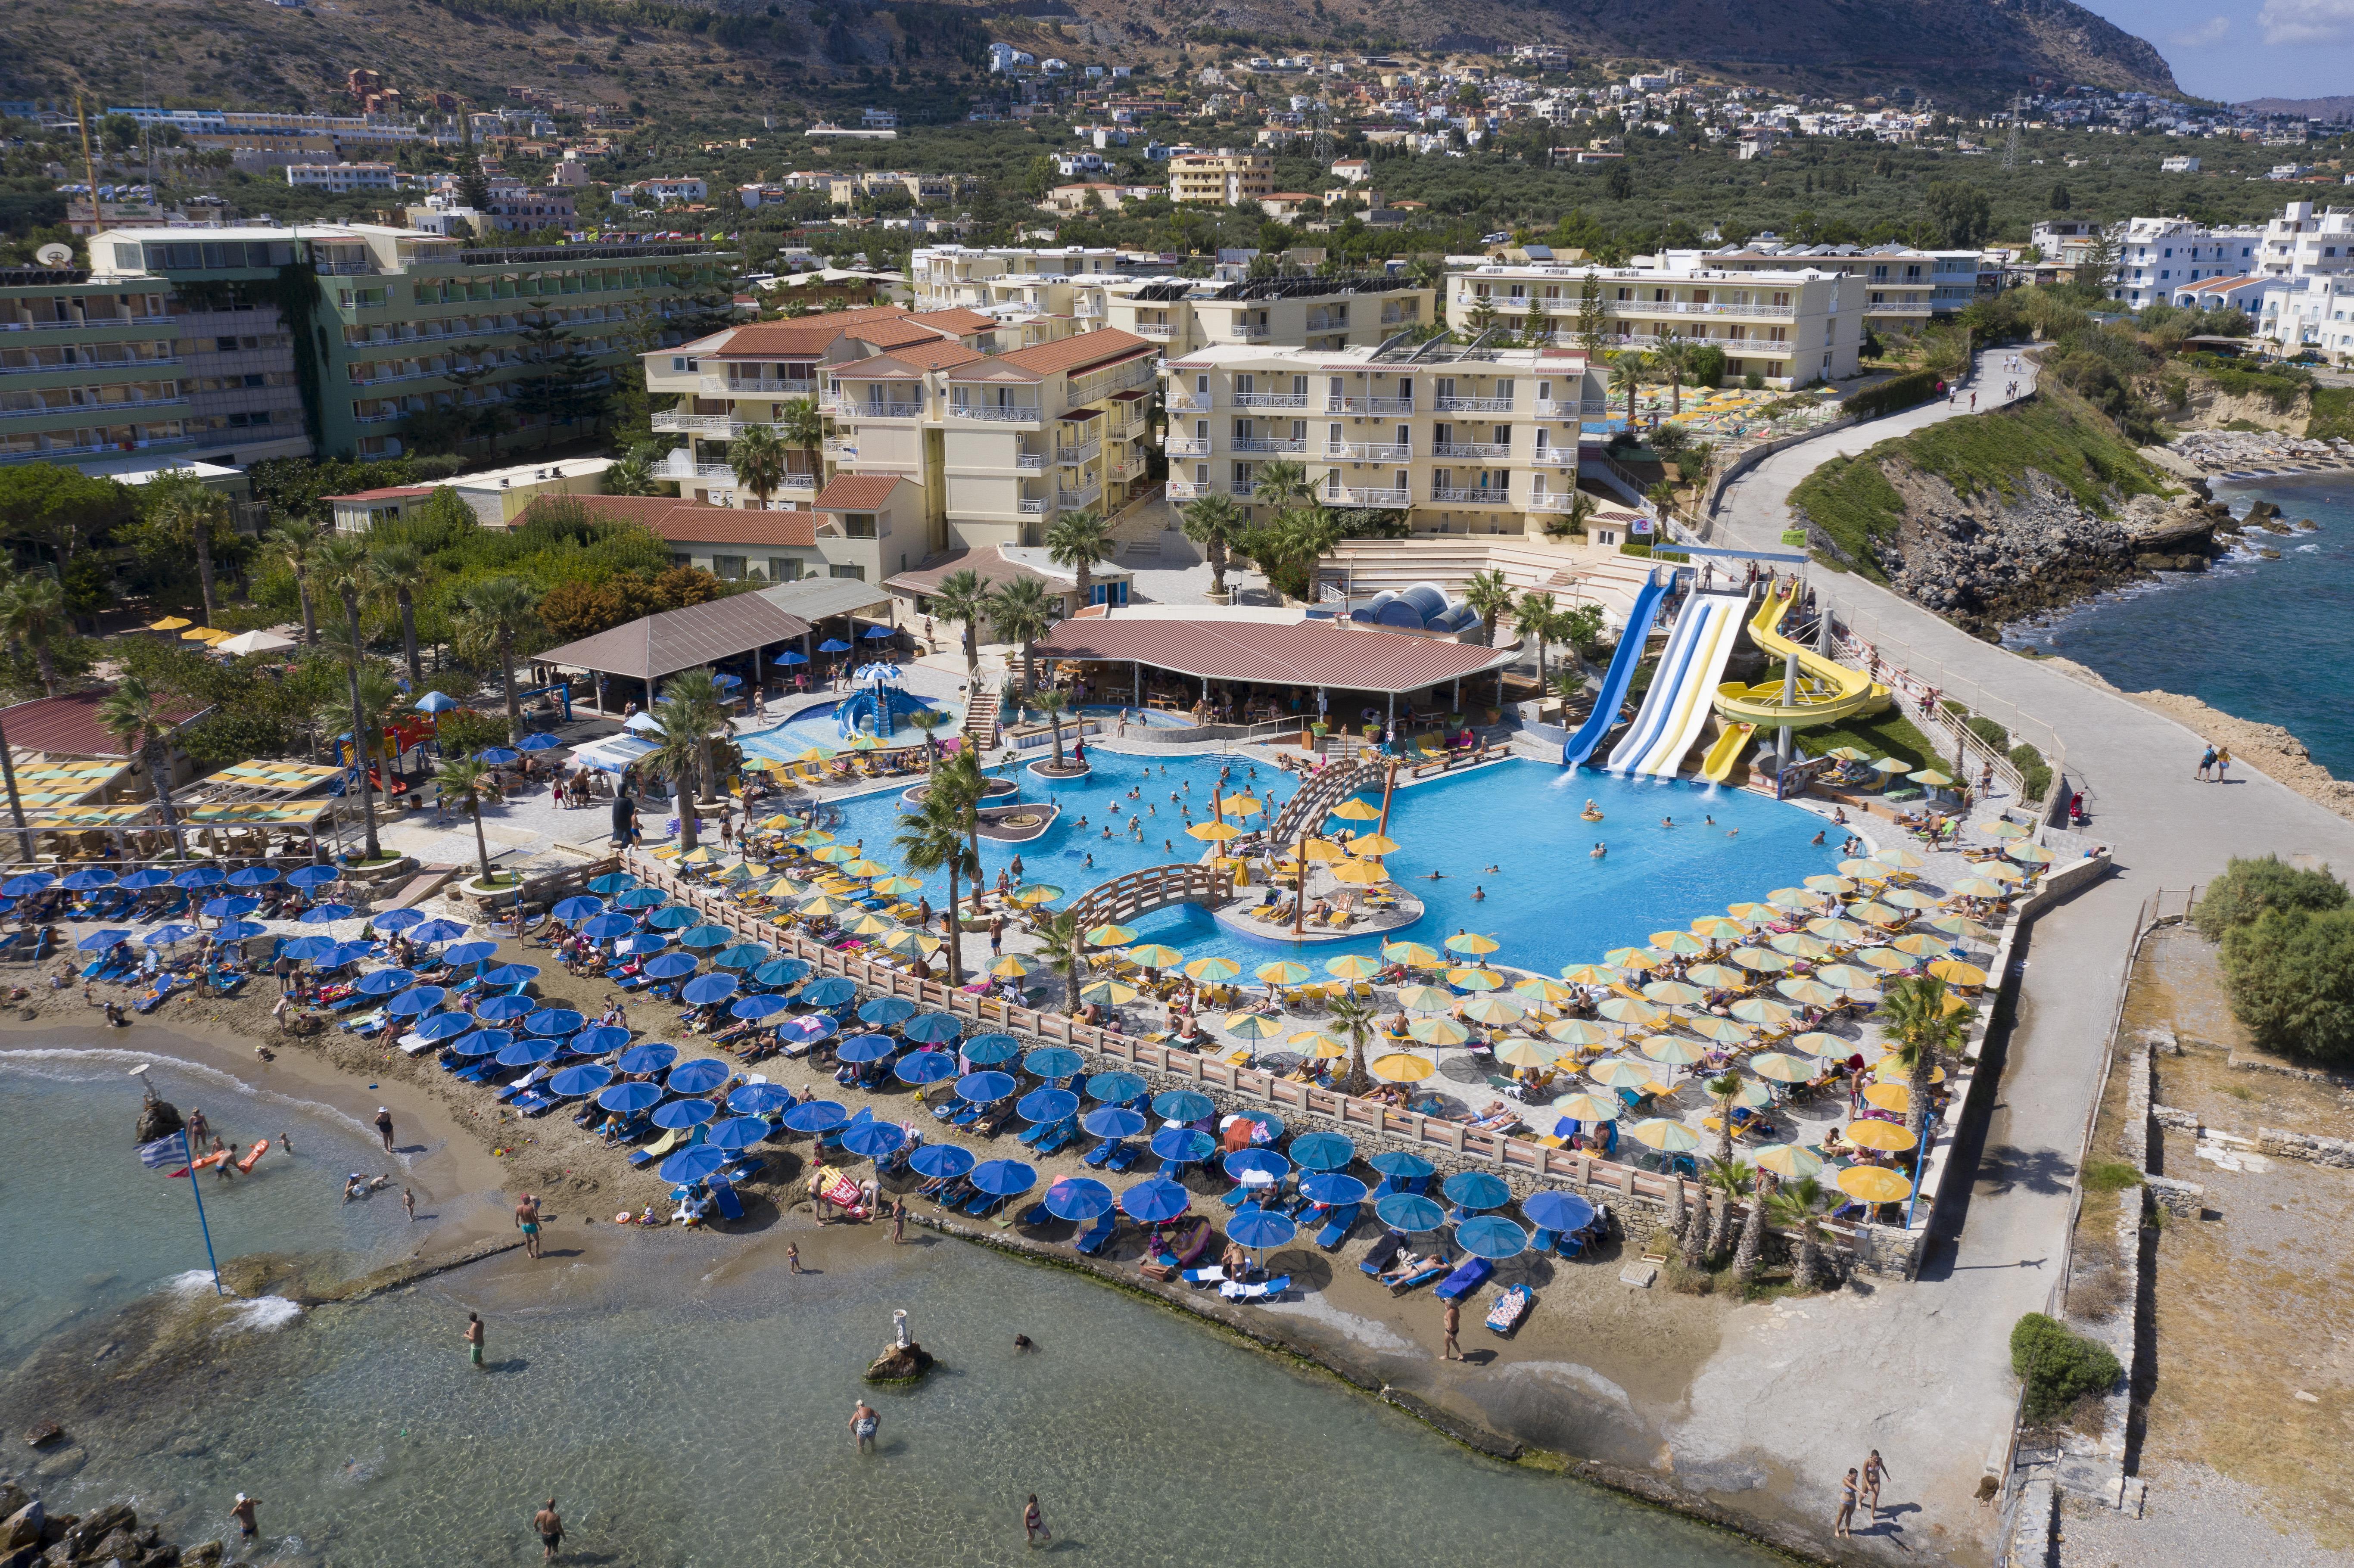 Эйр бич крит фото отеля и пляжа